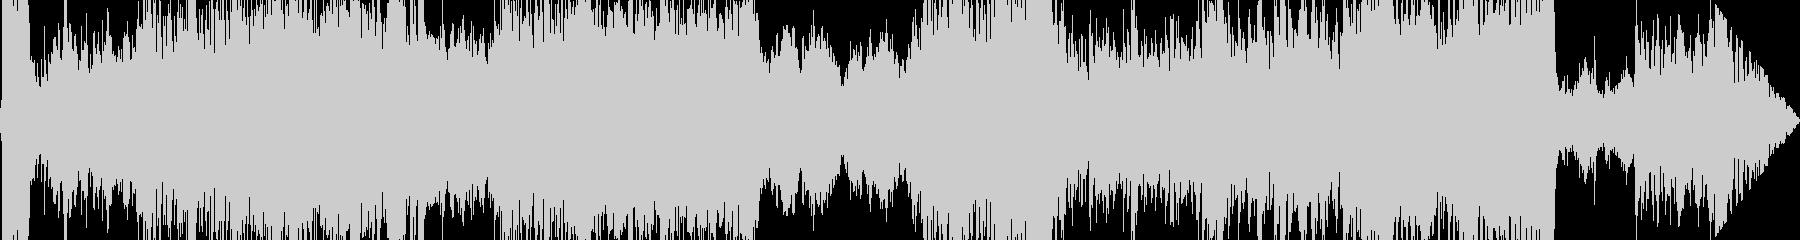 重厚感とダイナミクスのあるRPG戦闘曲の未再生の波形